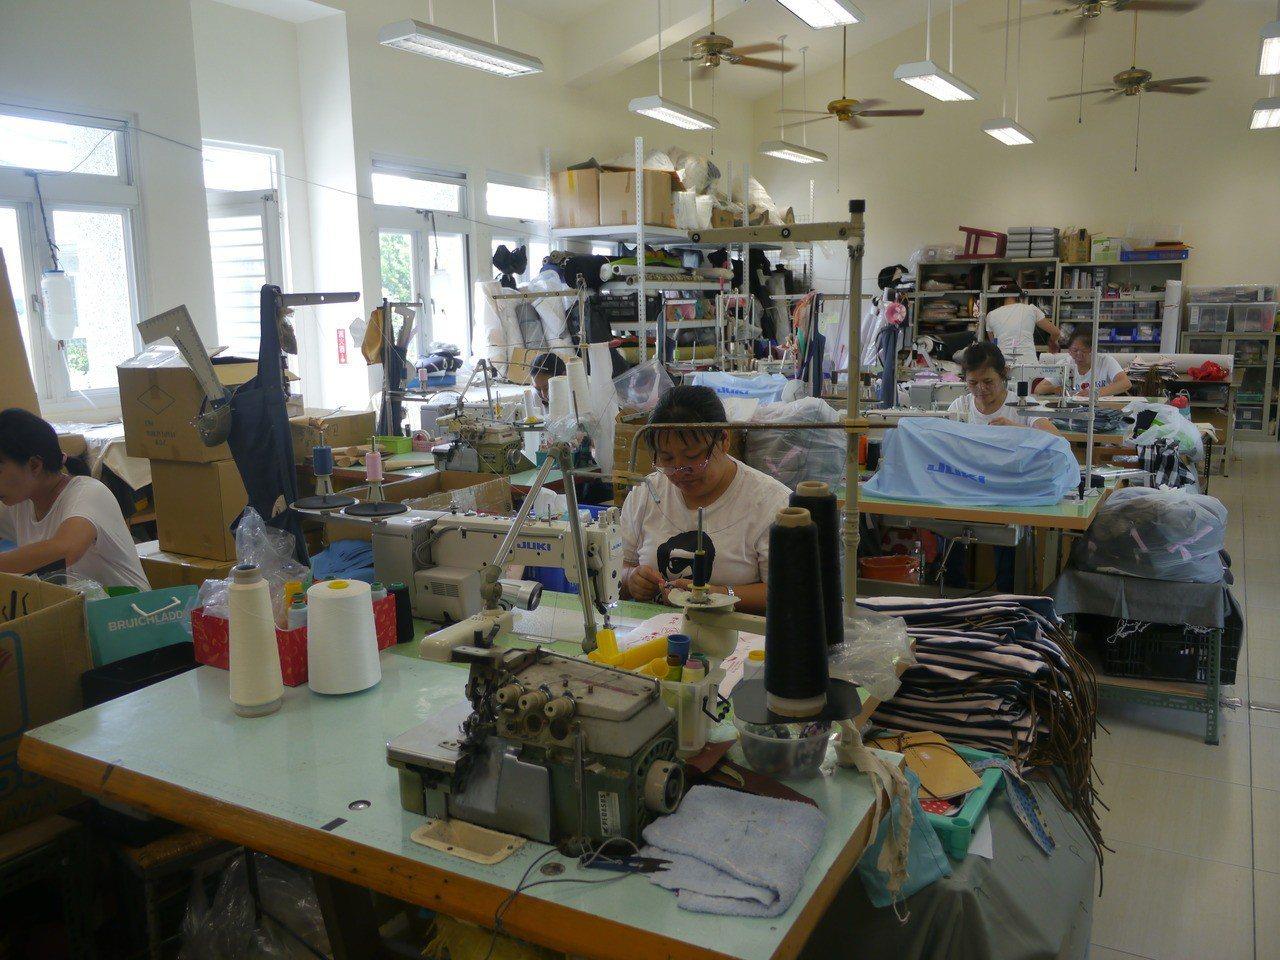 杉林大愛縫紉生產合作社目前有7名成員,未來將轉型成為縫紉職訓班。記者徐白櫻/攝影